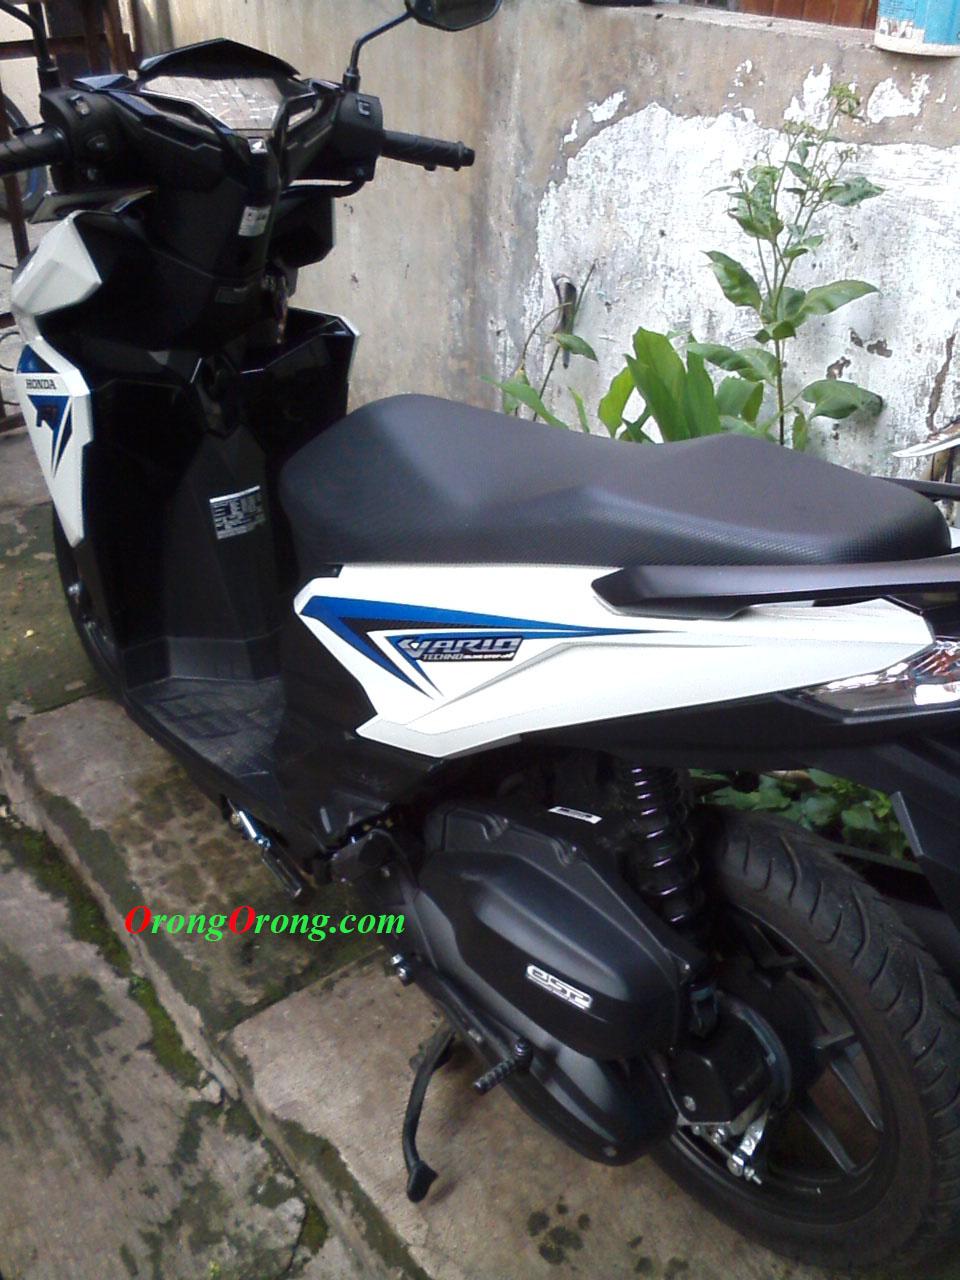 Perbedaan Honda Vario 125 Esp Dan Honda Vario 150 Esp Choiril Moto